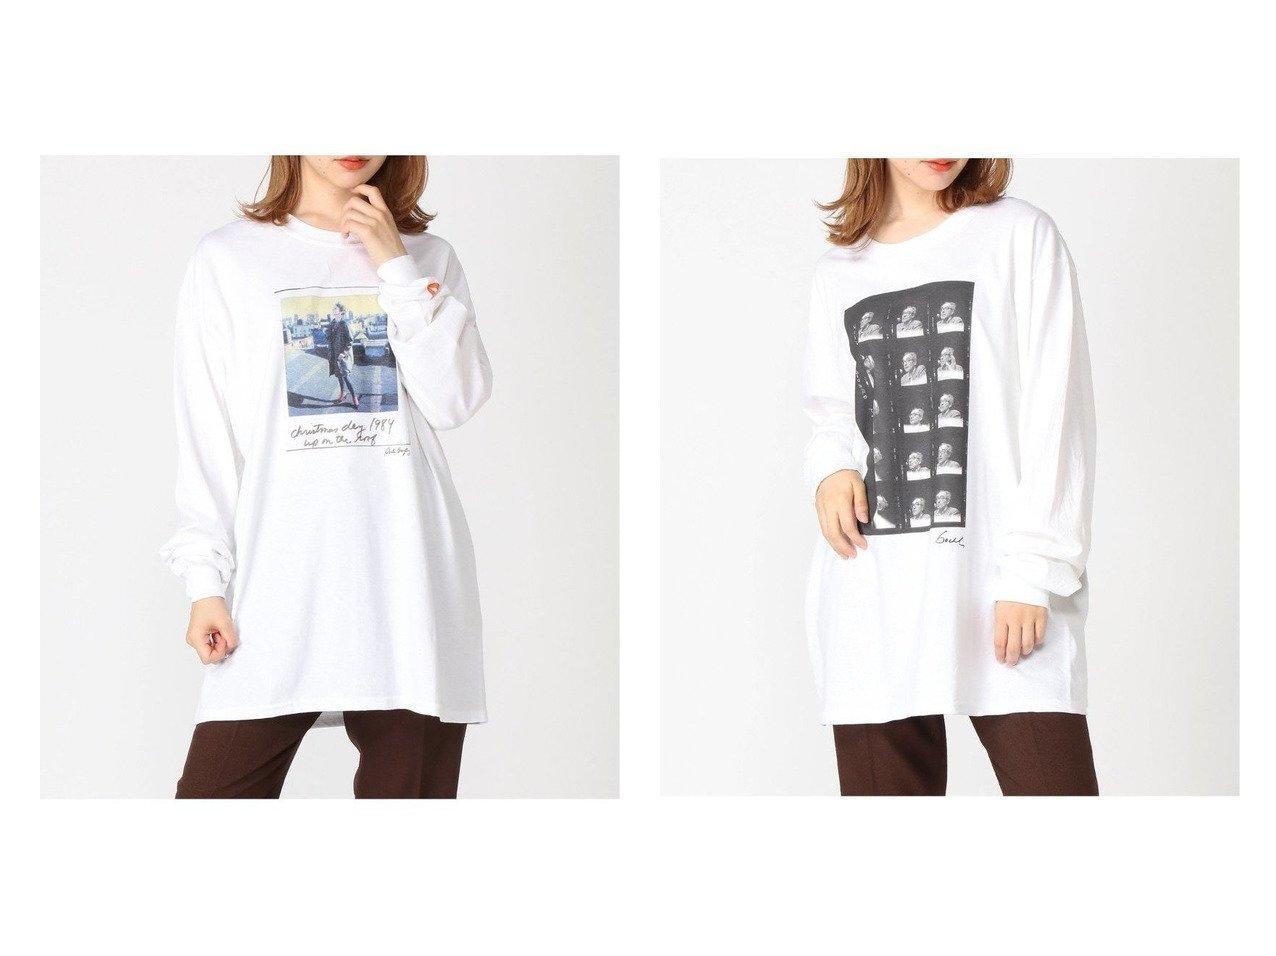 【LOWRYS FARM/ローリーズファーム】のRobertaロンT&GODLISロンT おすすめ!人気、トレンド・レディースファッションの通販 おすすめで人気の流行・トレンド、ファッションの通販商品 インテリア・家具・メンズファッション・キッズファッション・レディースファッション・服の通販 founy(ファニー) https://founy.com/ ファッション Fashion レディースファッション WOMEN トップス・カットソー Tops/Tshirt シャツ/ブラウス Shirts/Blouses ロング / Tシャツ T-Shirts カットソー Cut and Sewn NEW・新作・新着・新入荷 New Arrivals カットソー キャラクター フロント リラックス ロング |ID:crp329100000067608